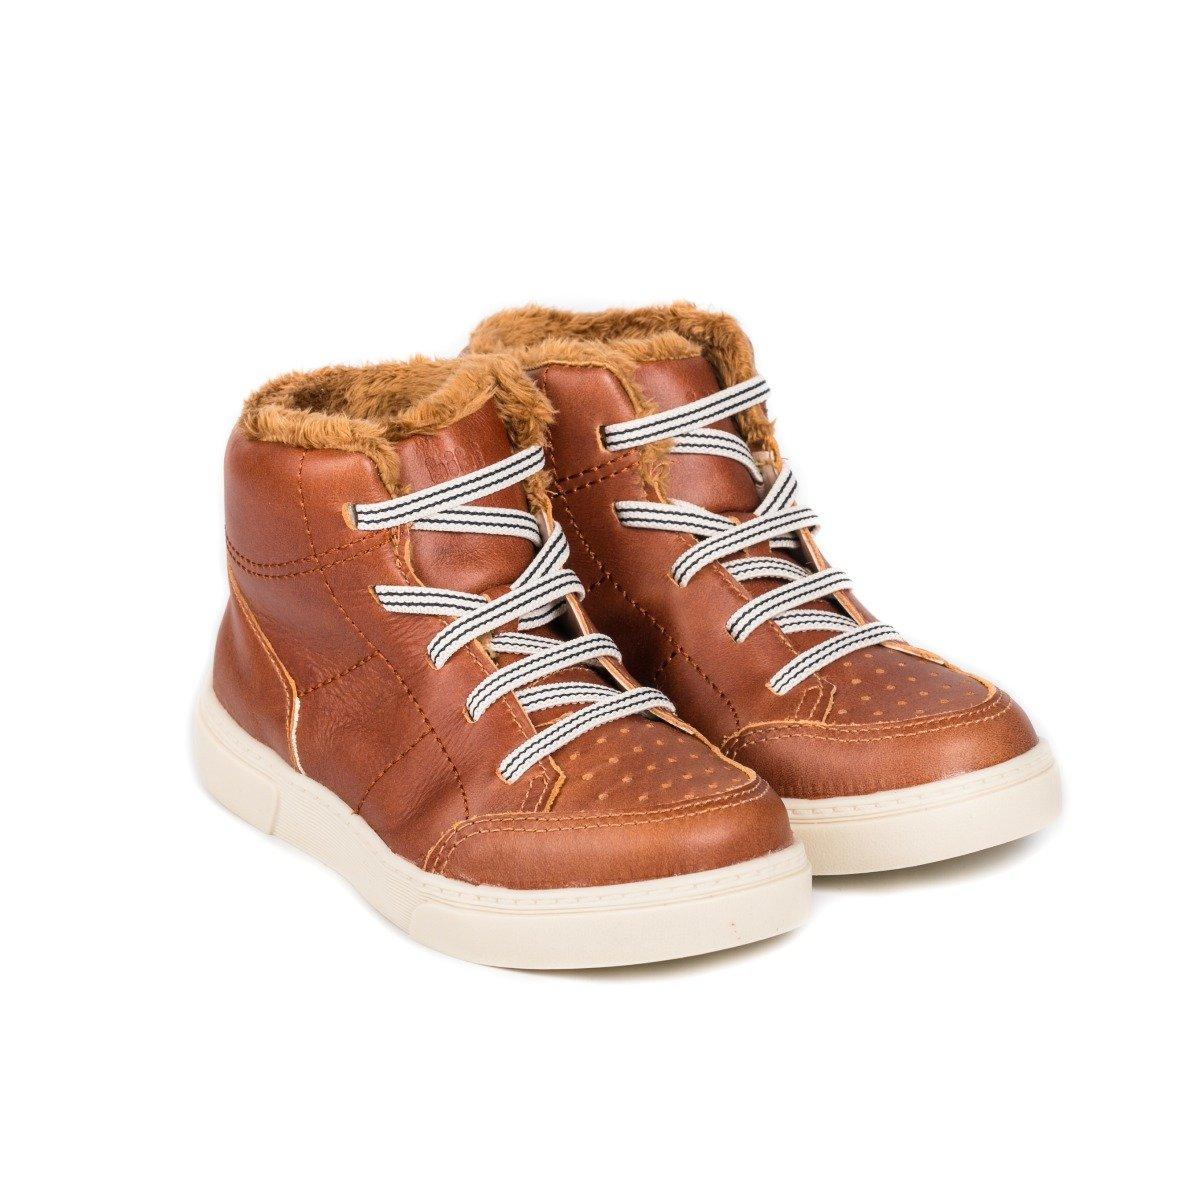 Ghete cu blanita Bibi Shoes On Way Caramel